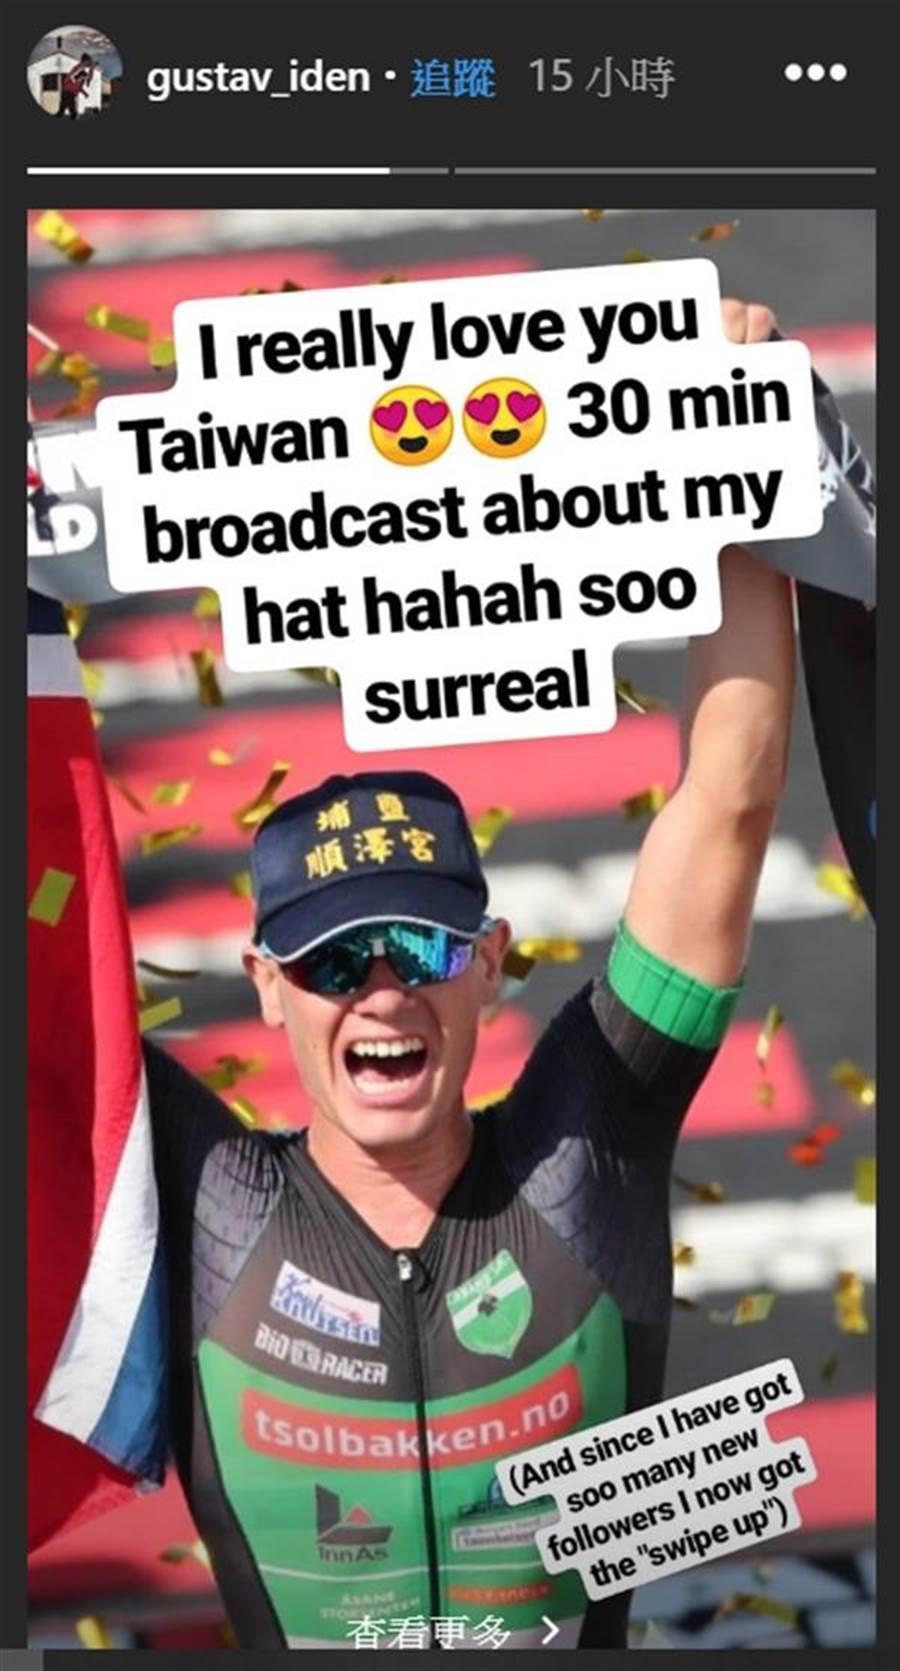 23歲挪威籍世錦賽三鐵冠軍埃登在IG限時動態大聲宣告「我愛台灣!」讓台灣網友和三鐵運動者們全都歡聲雷動!(摘自Gustav Iden IG)